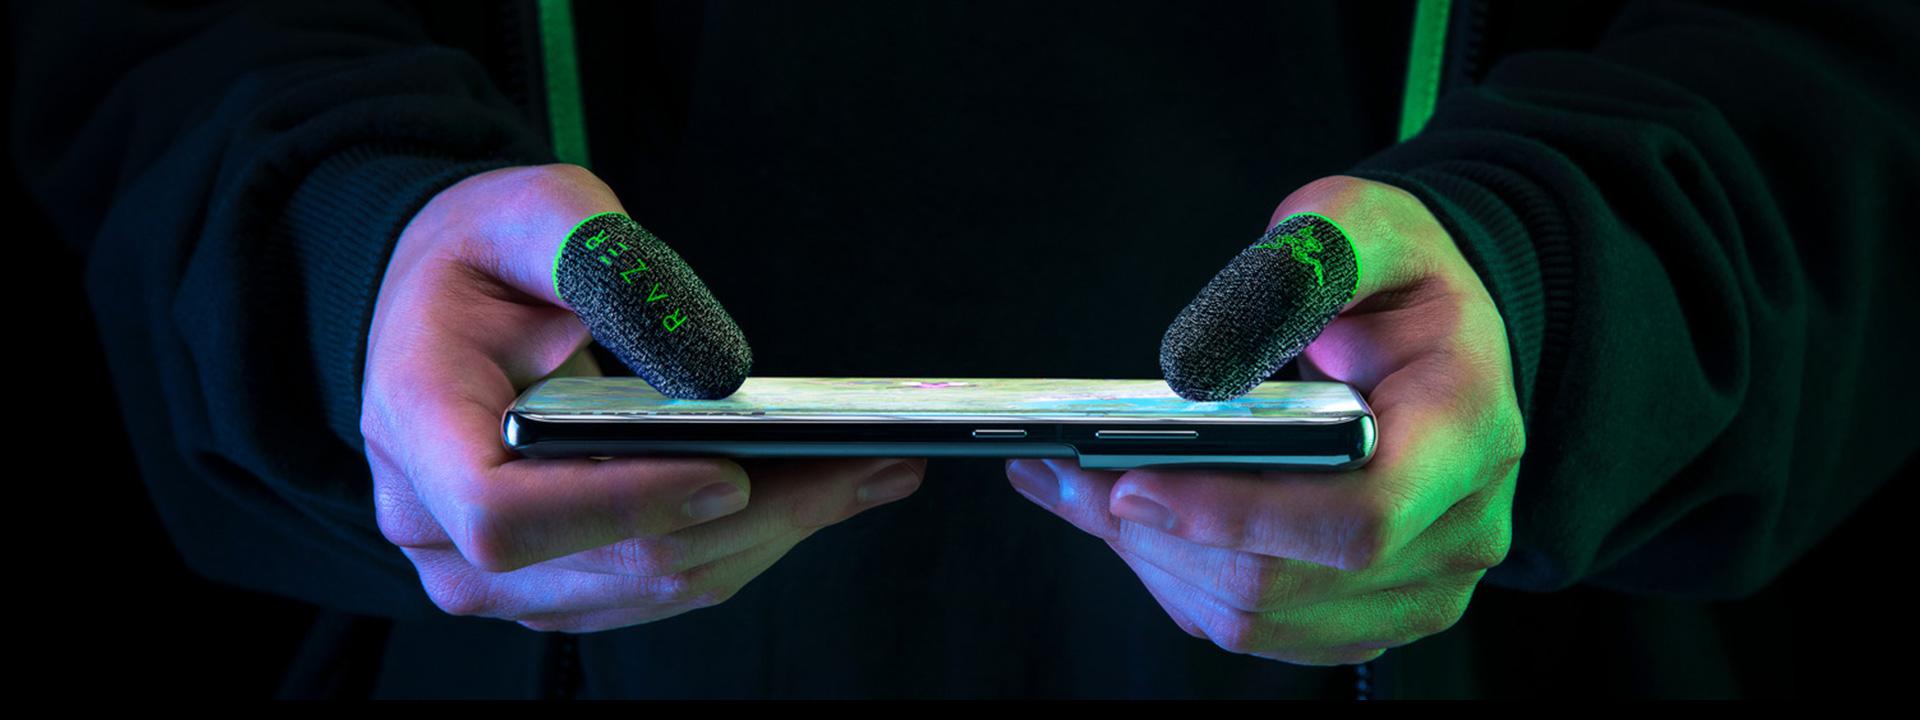 razer-gaming-finger-sleeve-hero-desktop.